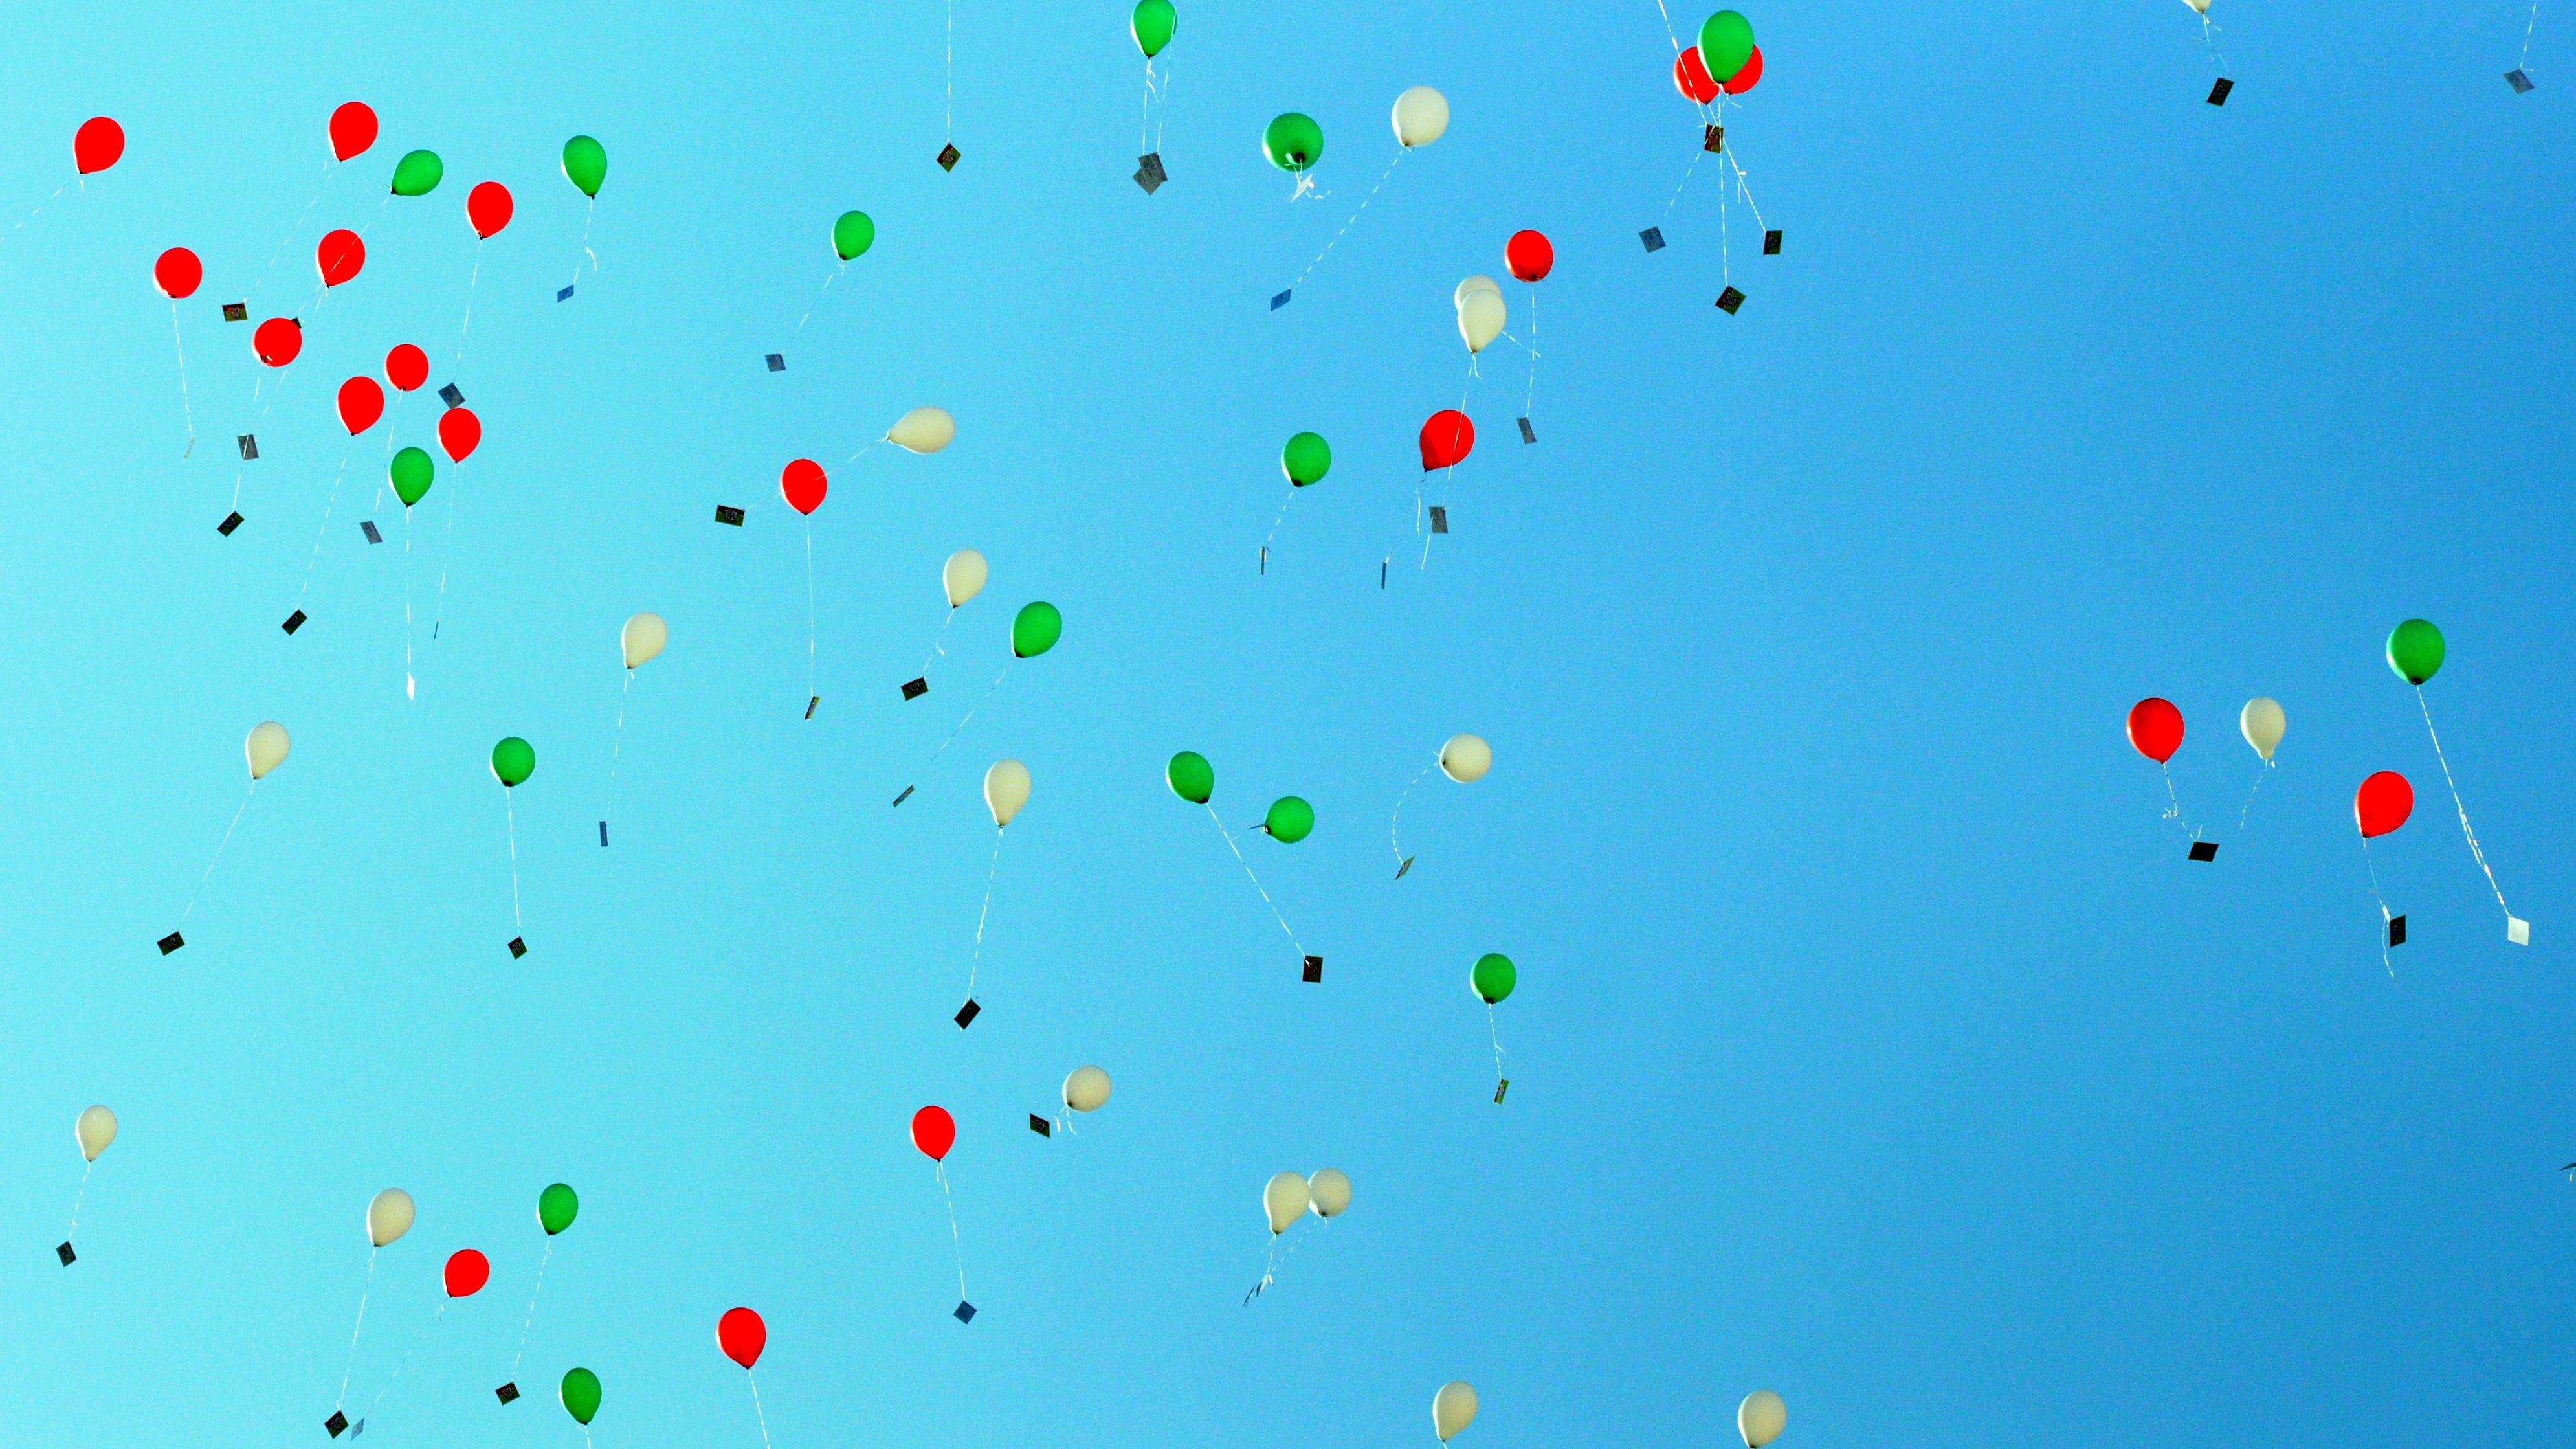 Rote, grüne, weiße Luftballons